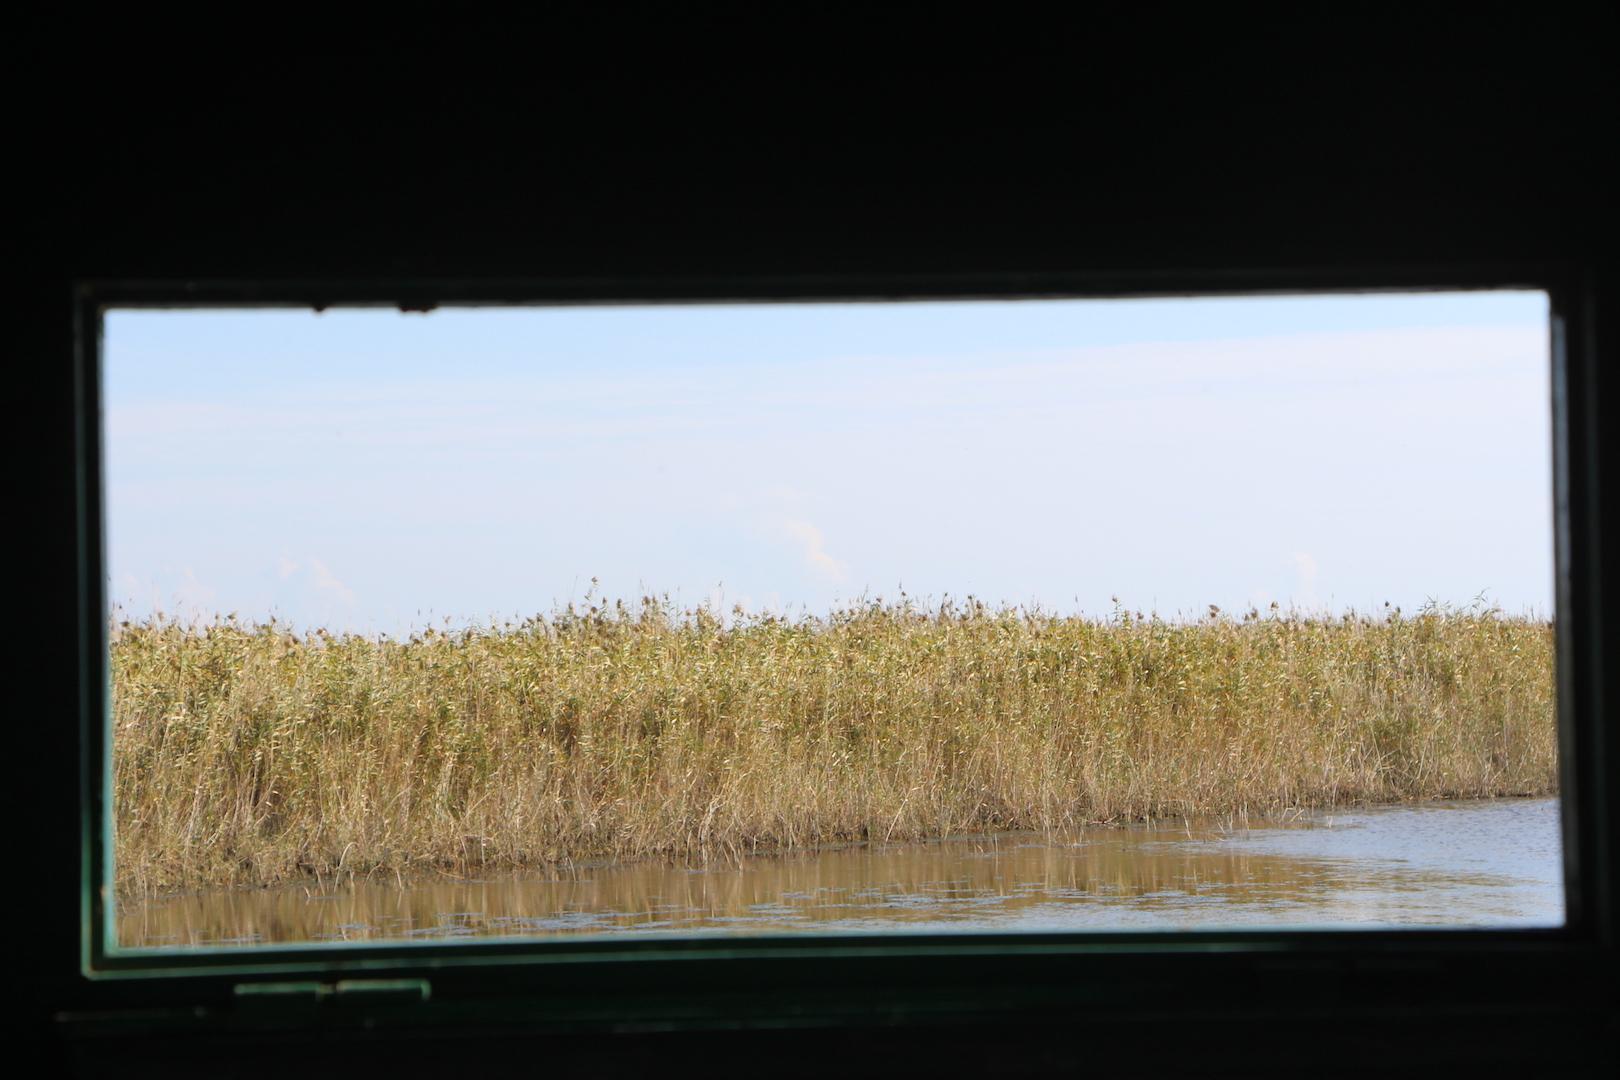 Psalidi Lake